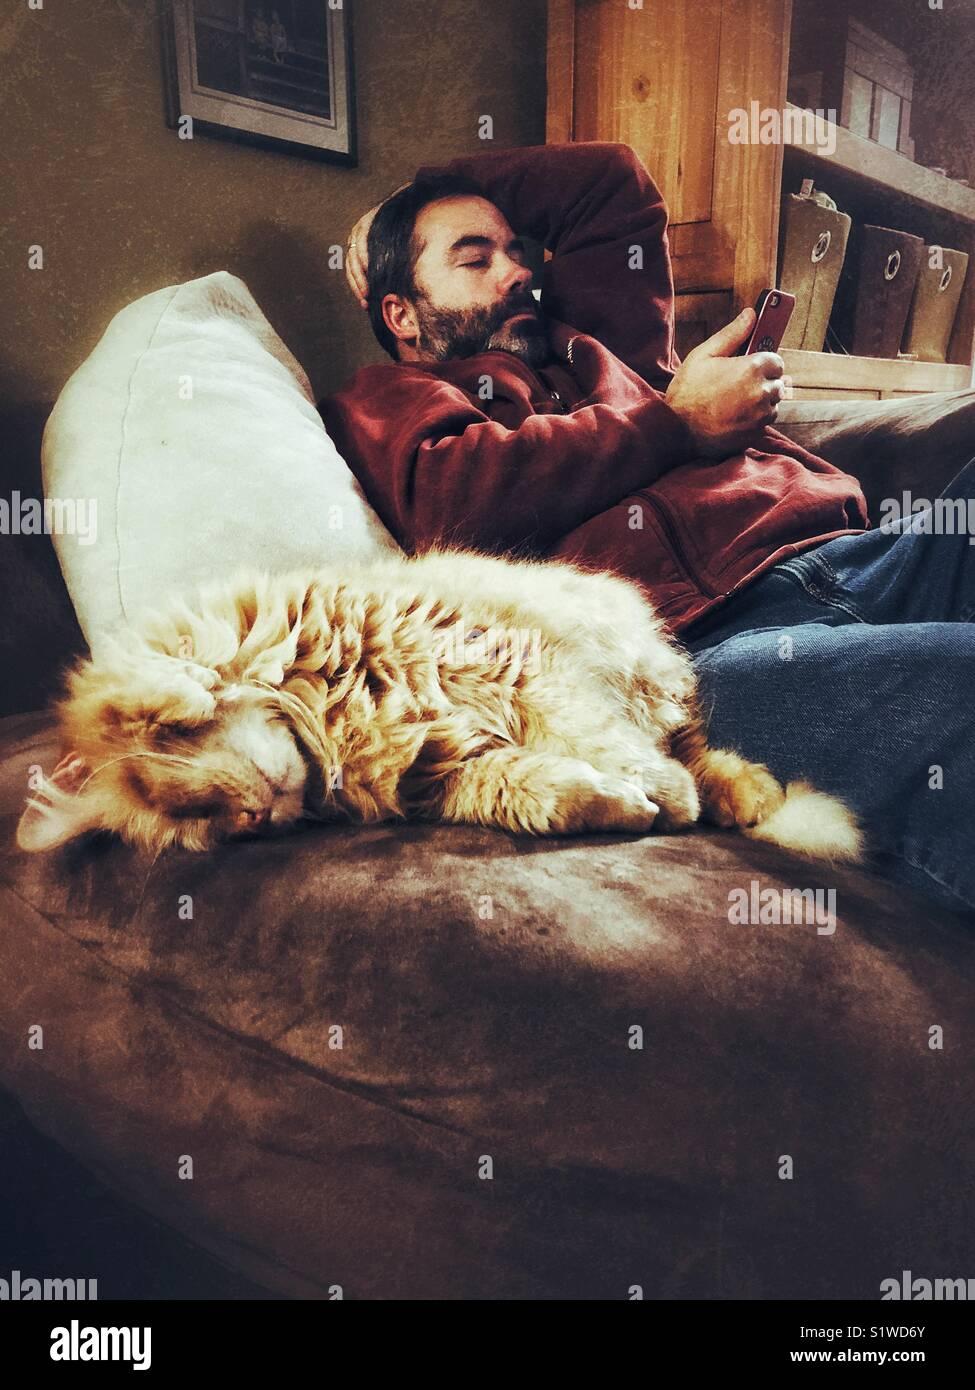 Uomo con barba scura rilassante sulla poltrona utilizza lo smartphone con grandi orange cat dormire in una bella Immagini Stock